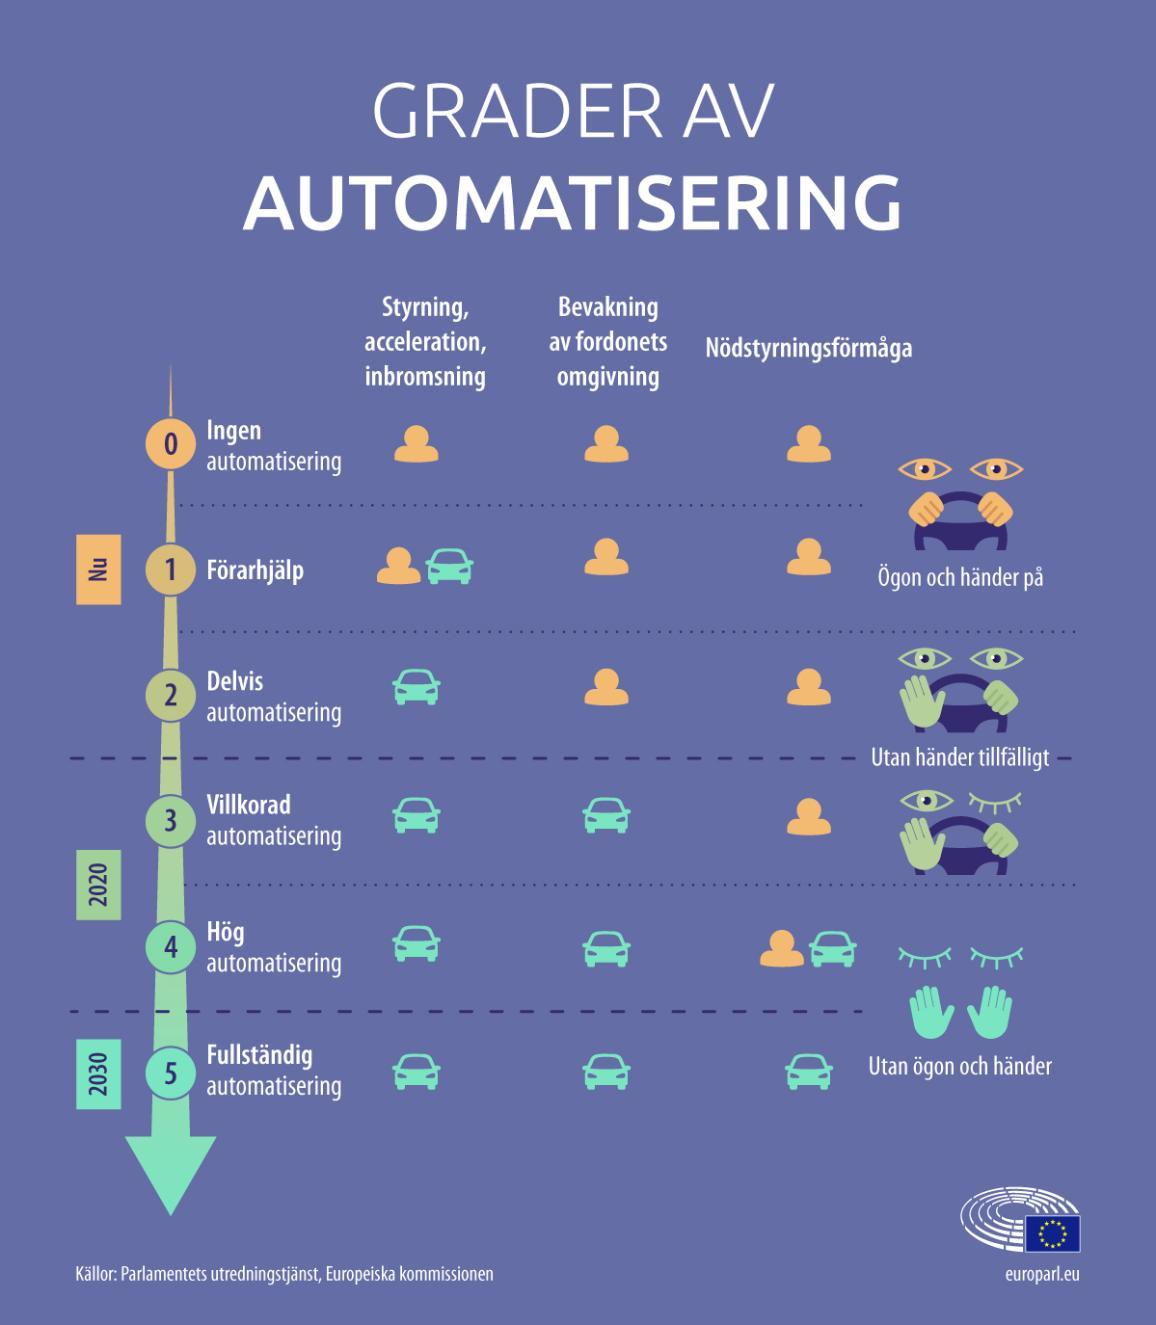 Grafik om grader av automatisering för självkörande fordon i EU